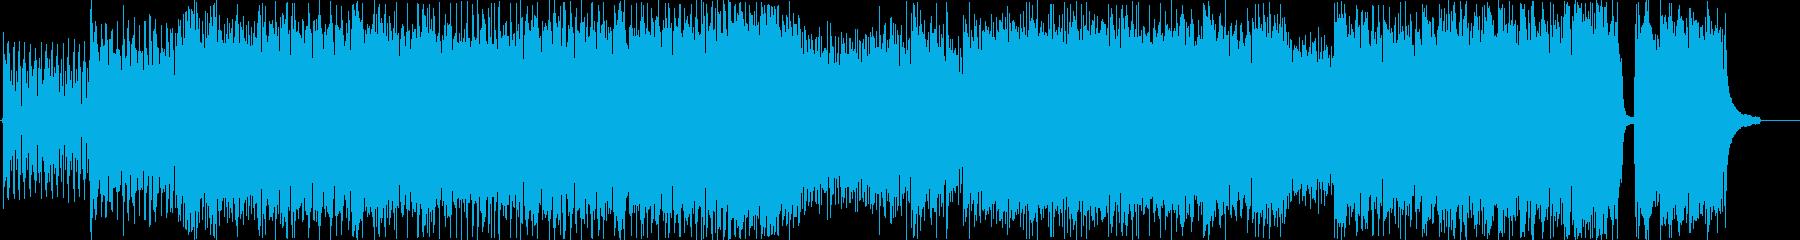 ショートバージョンの再生済みの波形